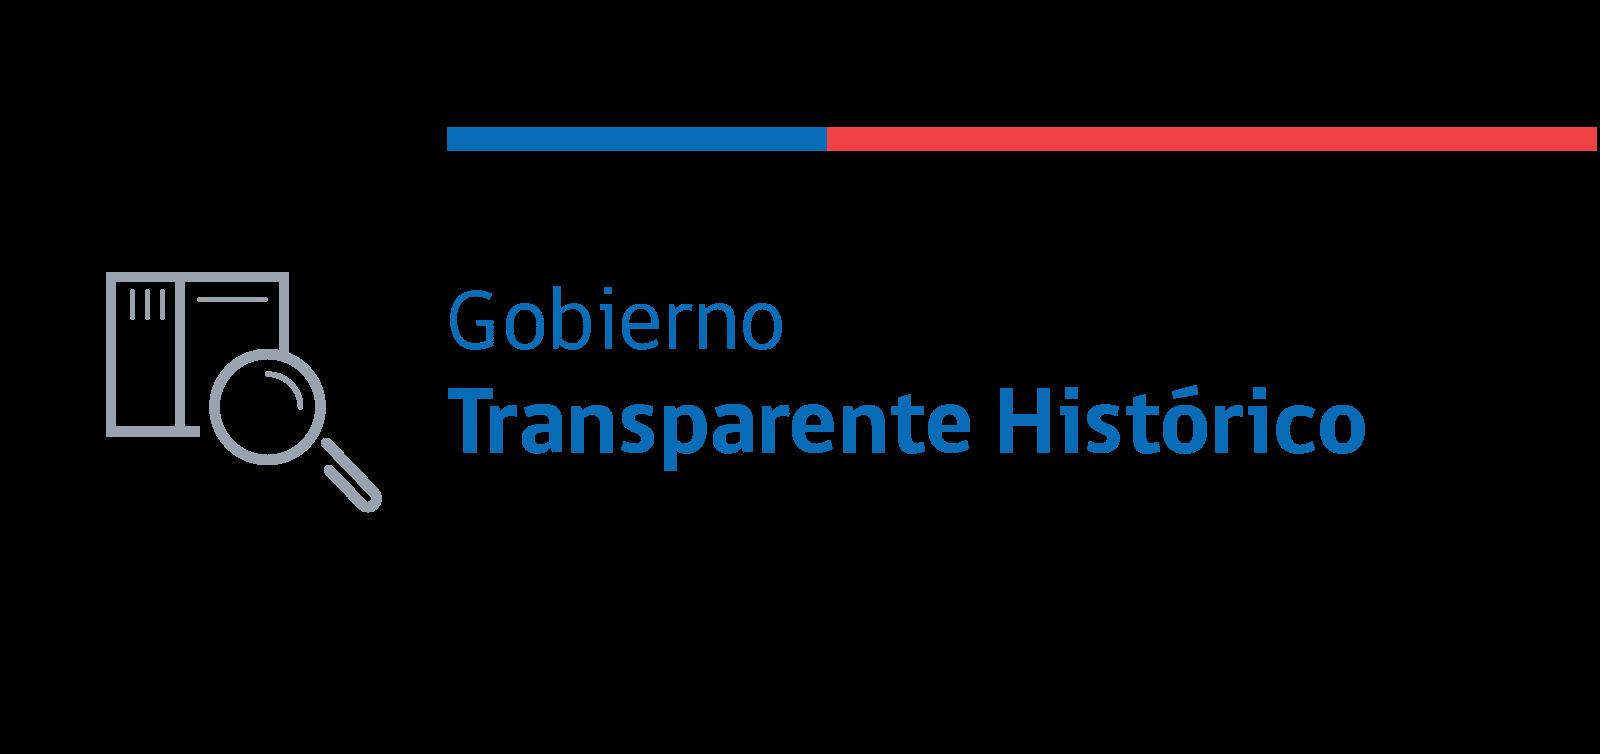 Gob transparente